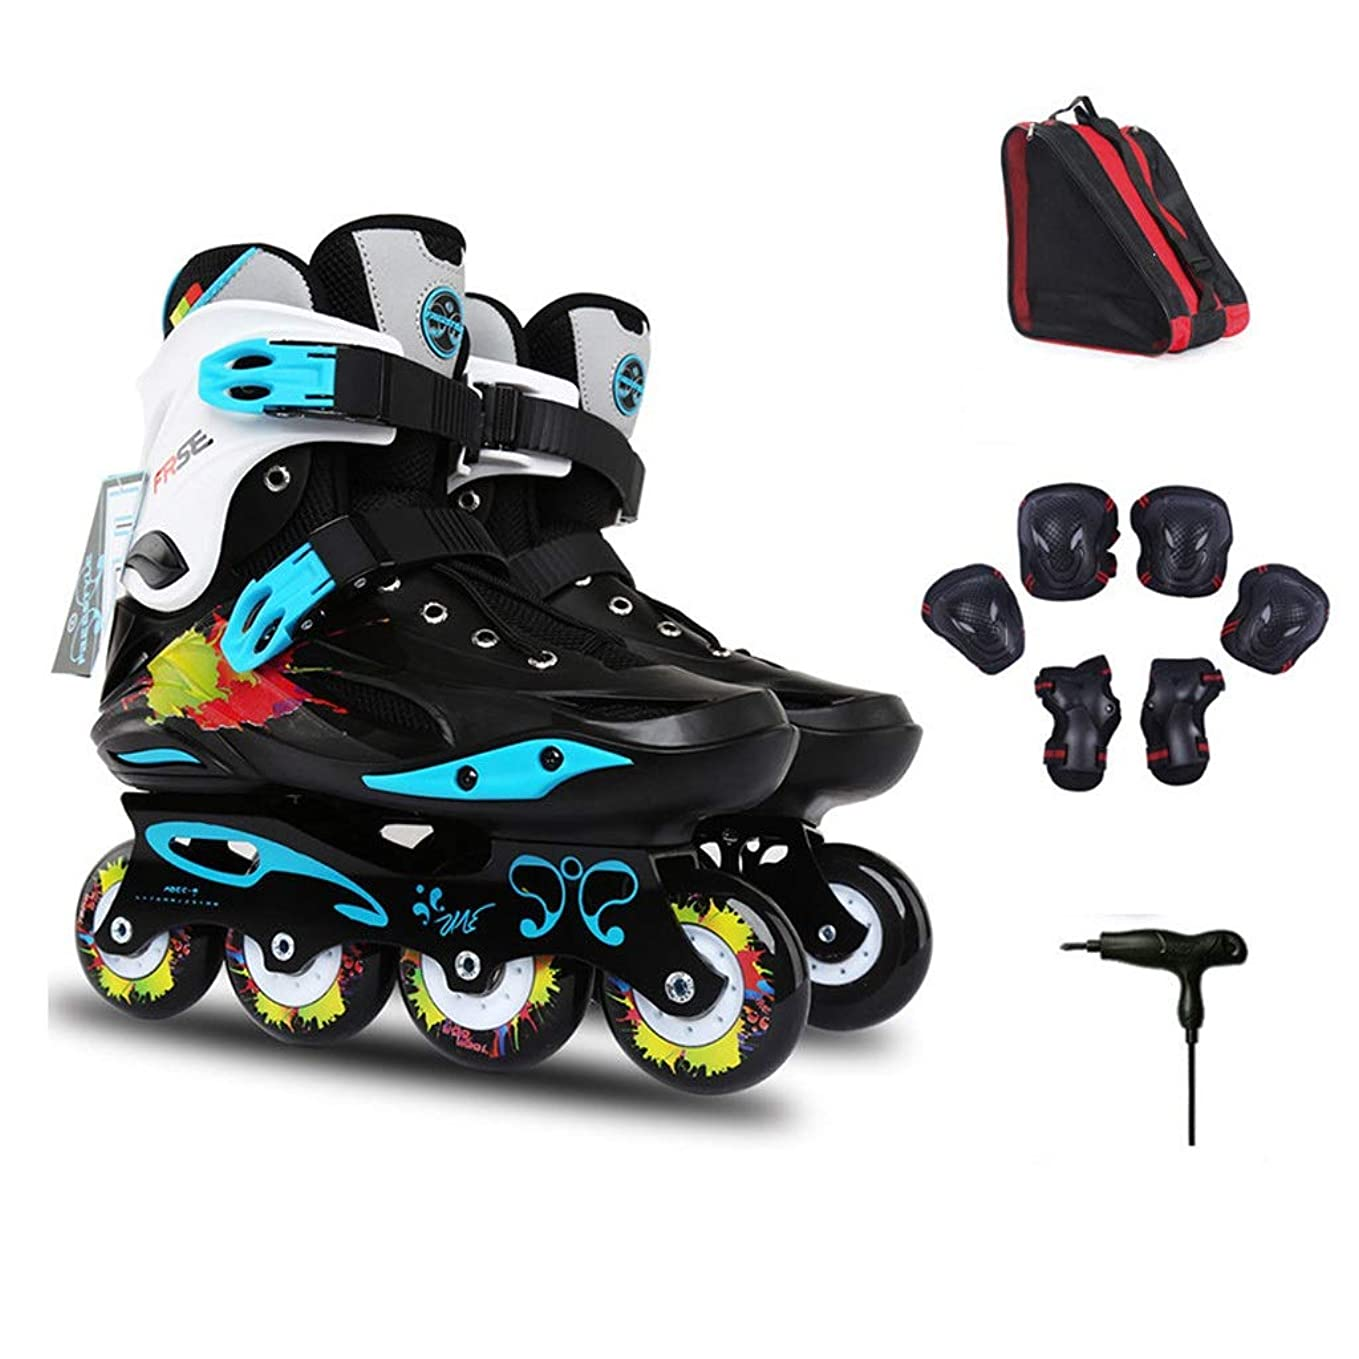 債権者バドミントン再発するAilj インラインスケート インラインスケート、初心者スポーツスピードスケート靴 サイズ35-44黒と白のプロの大人プリント単一行スケート 高構成プロスケート靴 (Color : Black, Size : EU 38/US 6/UK 5/JP 24cm/)